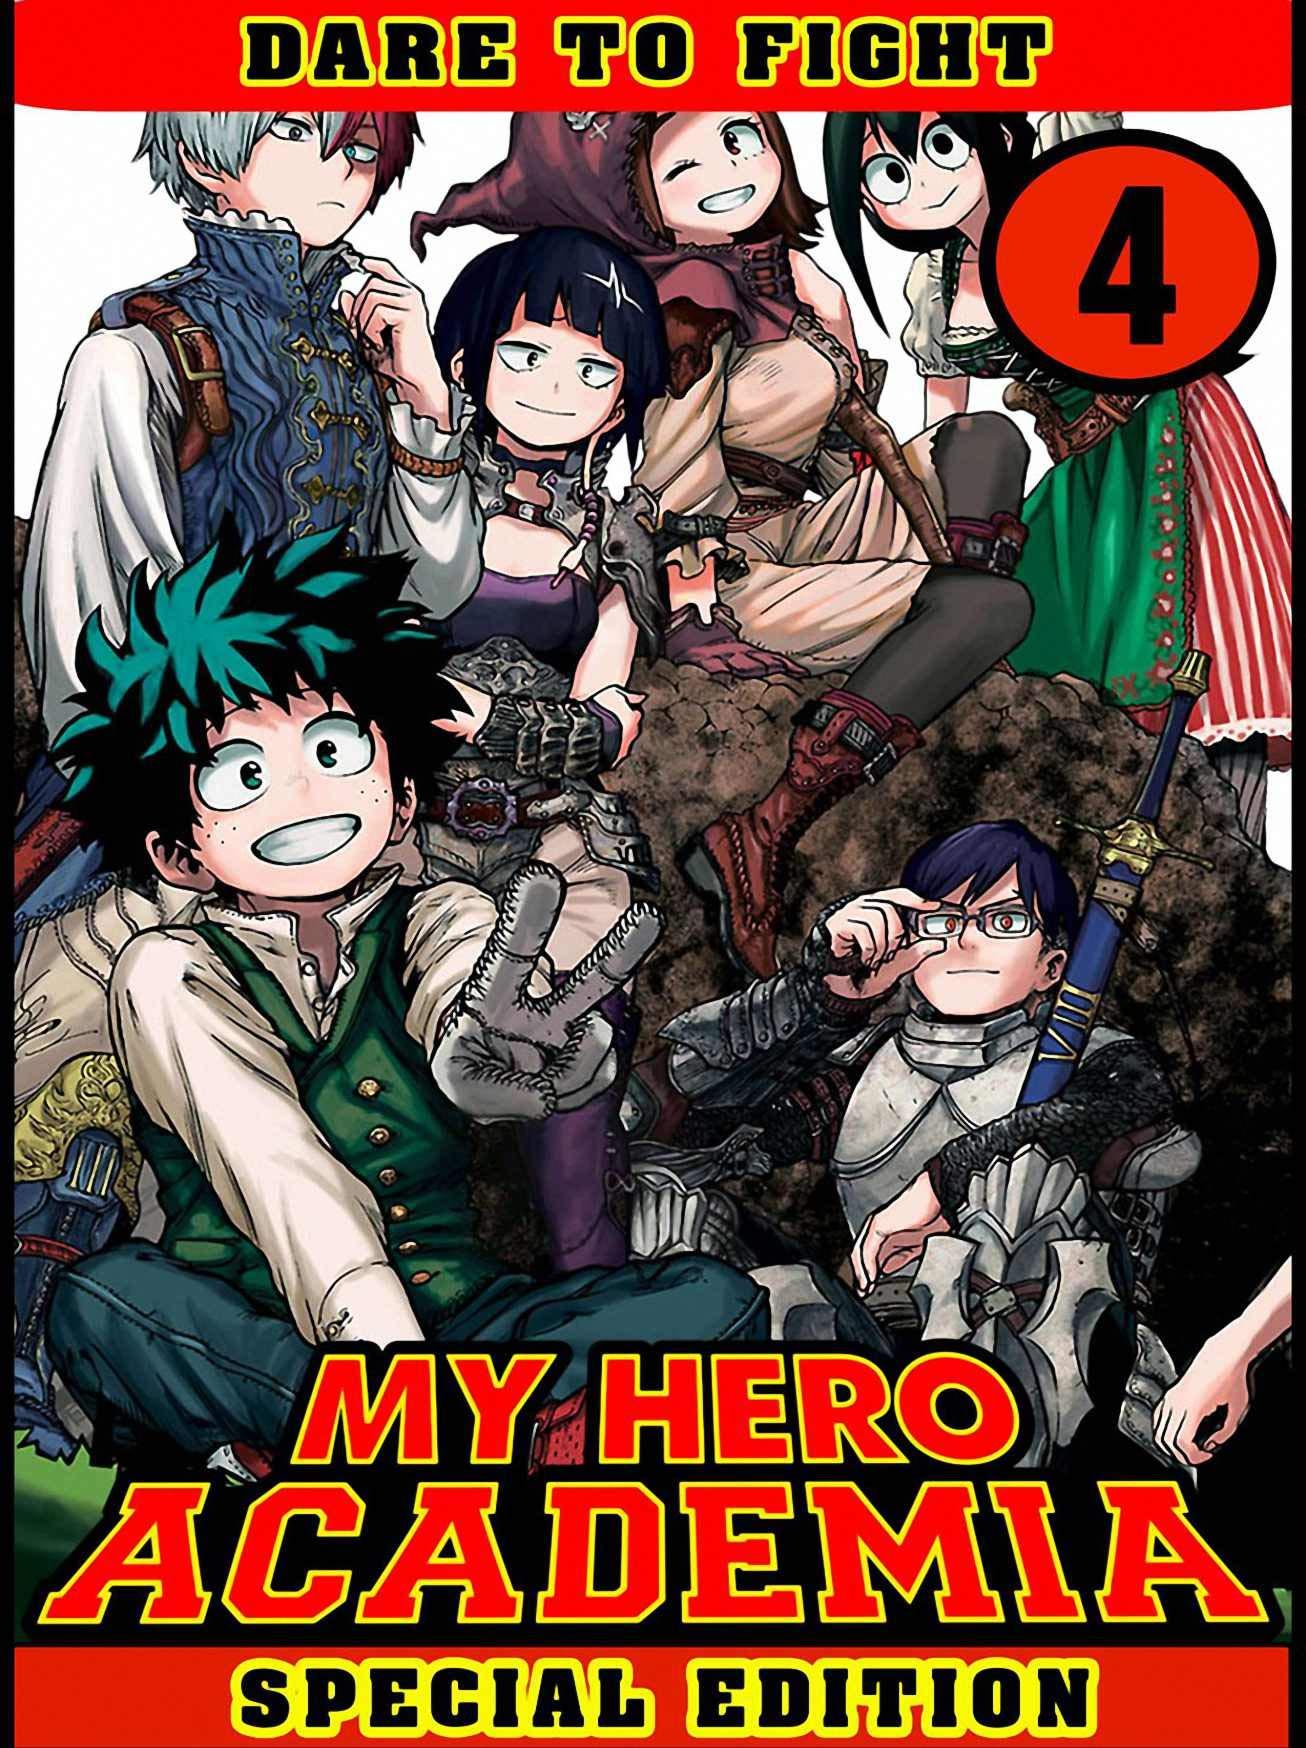 My Hero Academia Special: Collection Book 4 - My Hero Academia Fantasy Adventure Manga Action Shonen